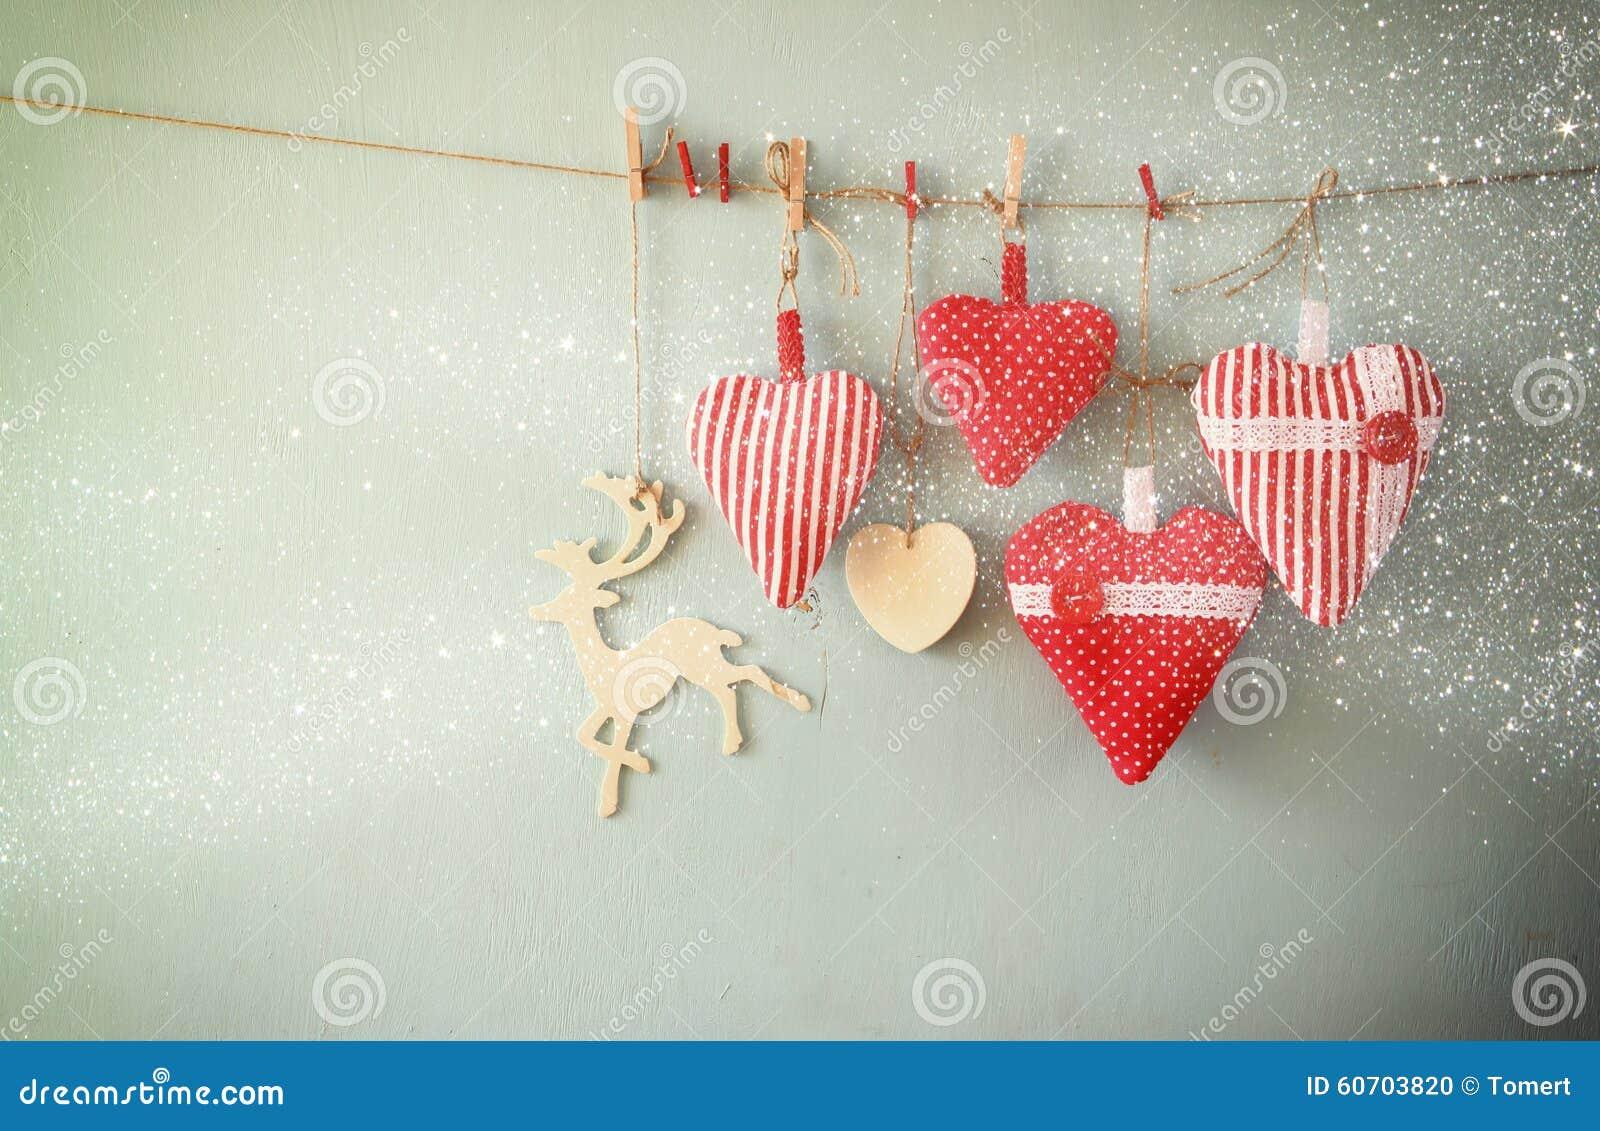 Weihnachtsbild Von Roten Herzen Und Baum Des Gewebes Hölzerne Ren ...